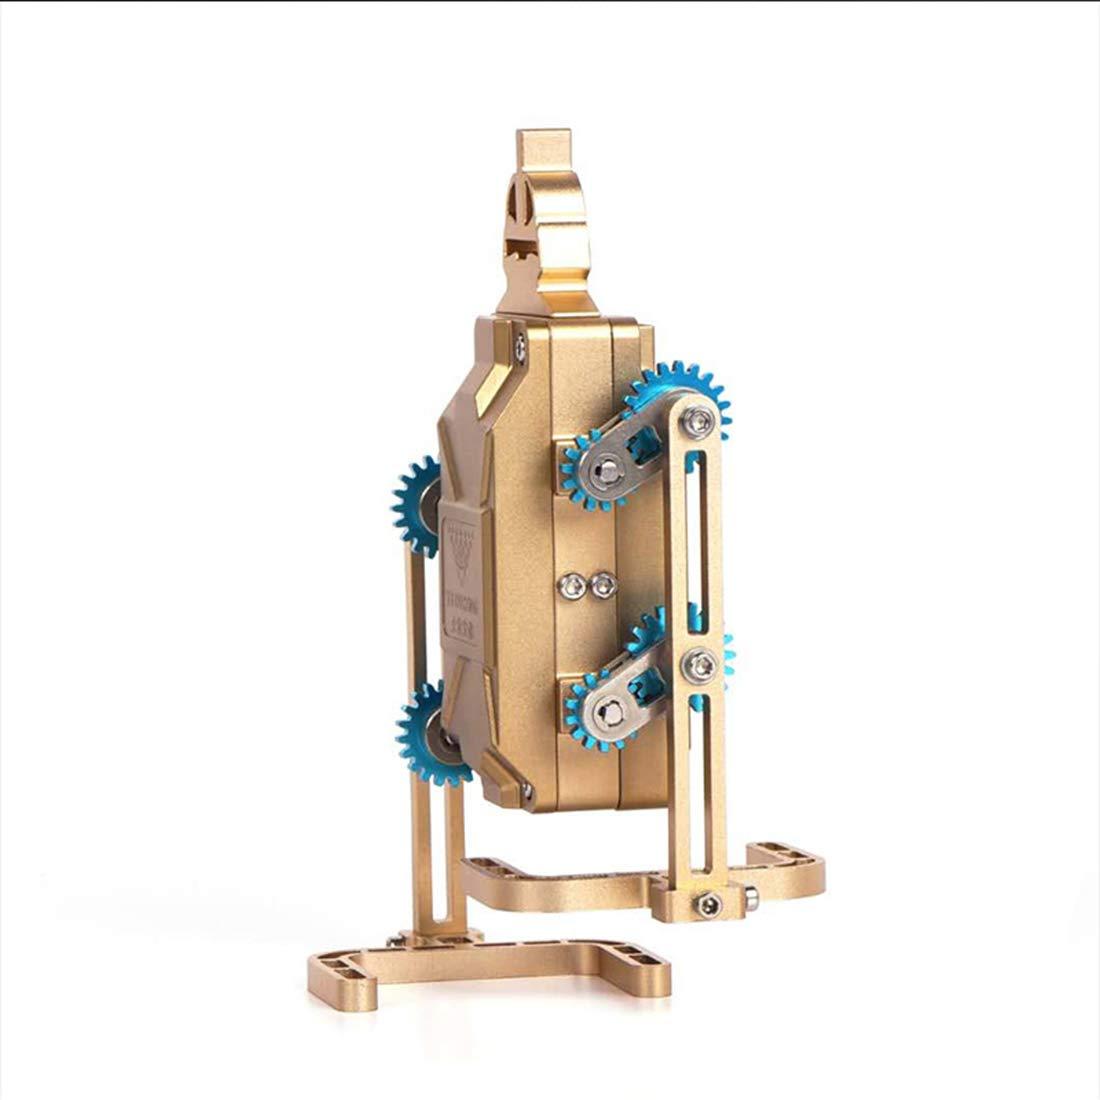 orden ahora disfrutar de gran descuento 8 Giplar 3D Puzzle de Metal Galileo Galileo Galileo Reloj de péndulo – DIY 3D Cortado a láser Modelo de Juguete  ahorra hasta un 70%